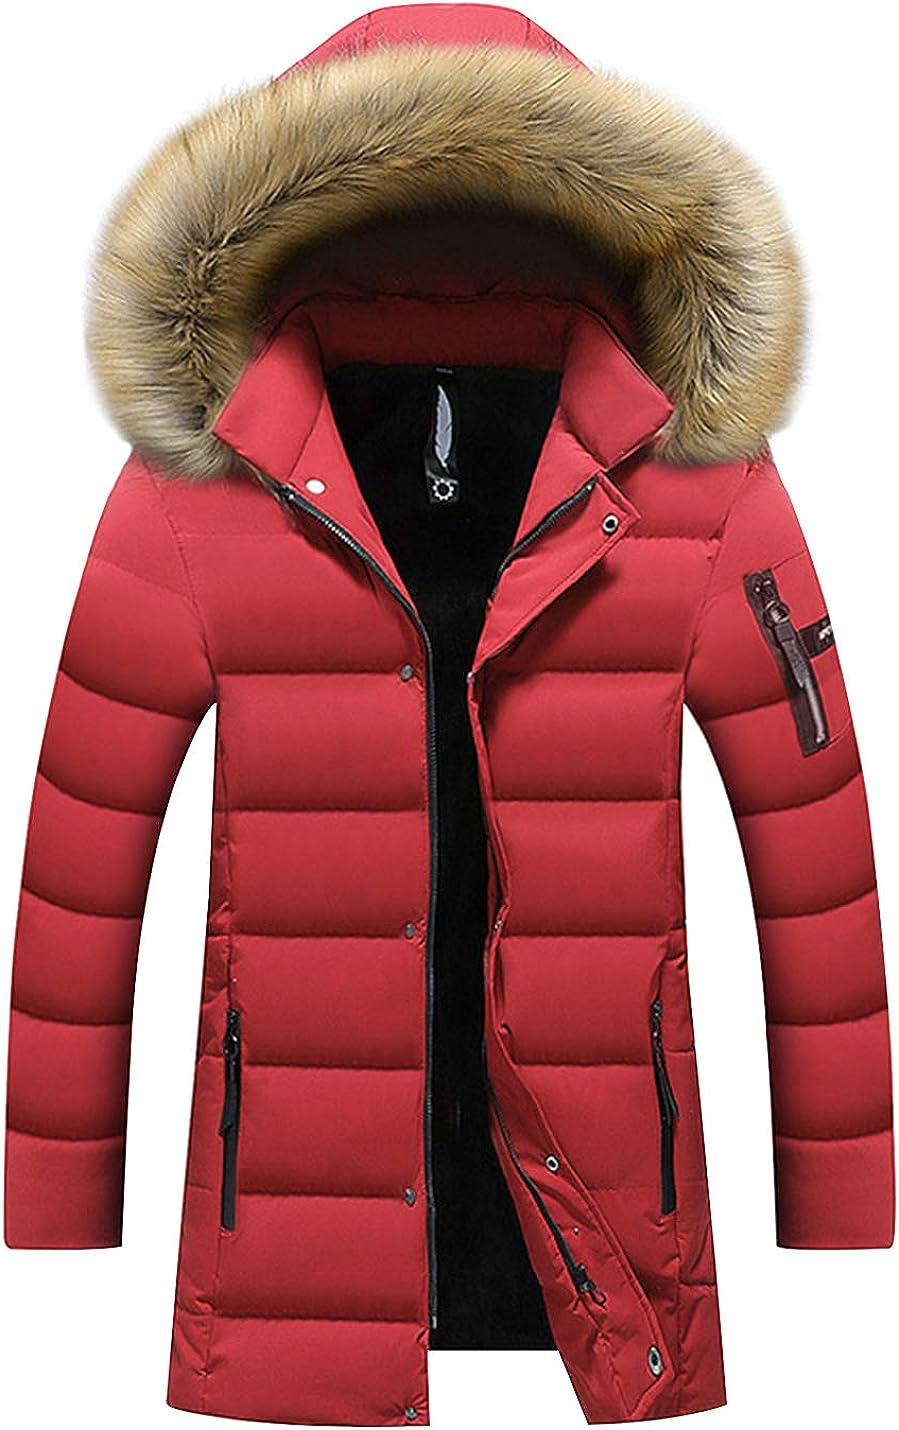 Gihuo Men's Winter Fleece Lined Puffer Parka Coat with Detachable Fur Hood